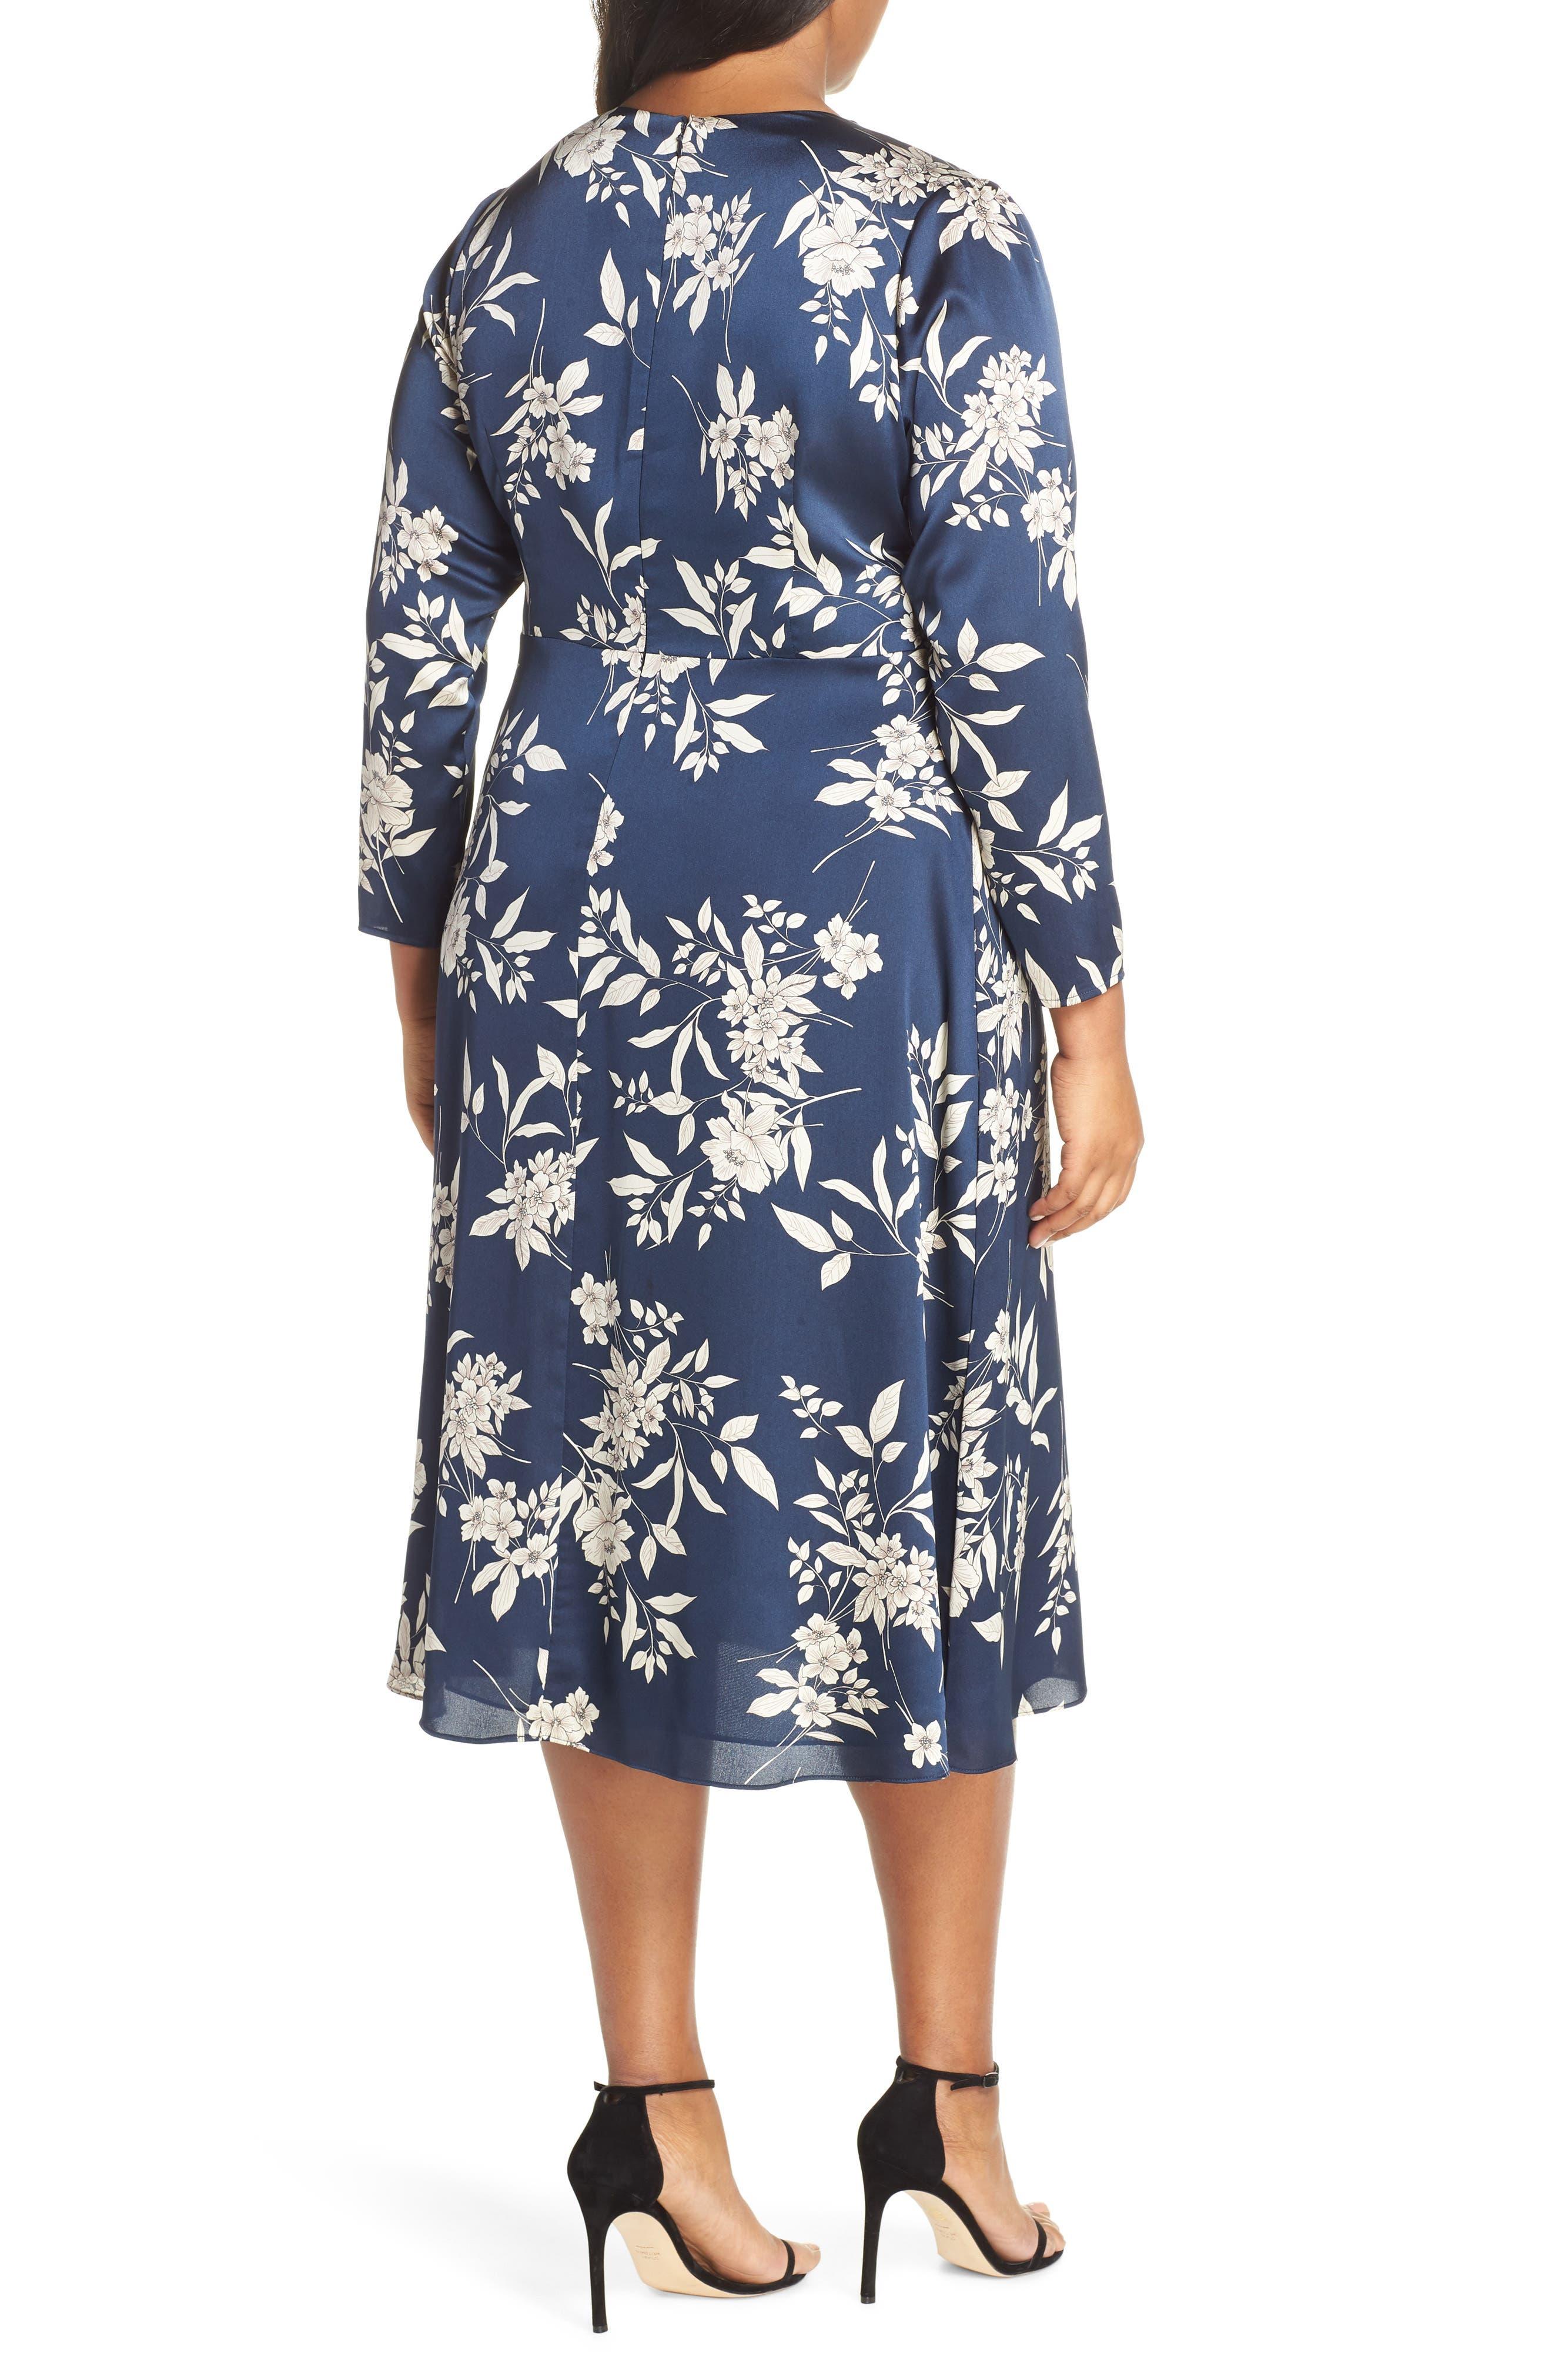 VINCE CAMUTO, Etched Bouquet Midi Dress, Alternate thumbnail 2, color, 400